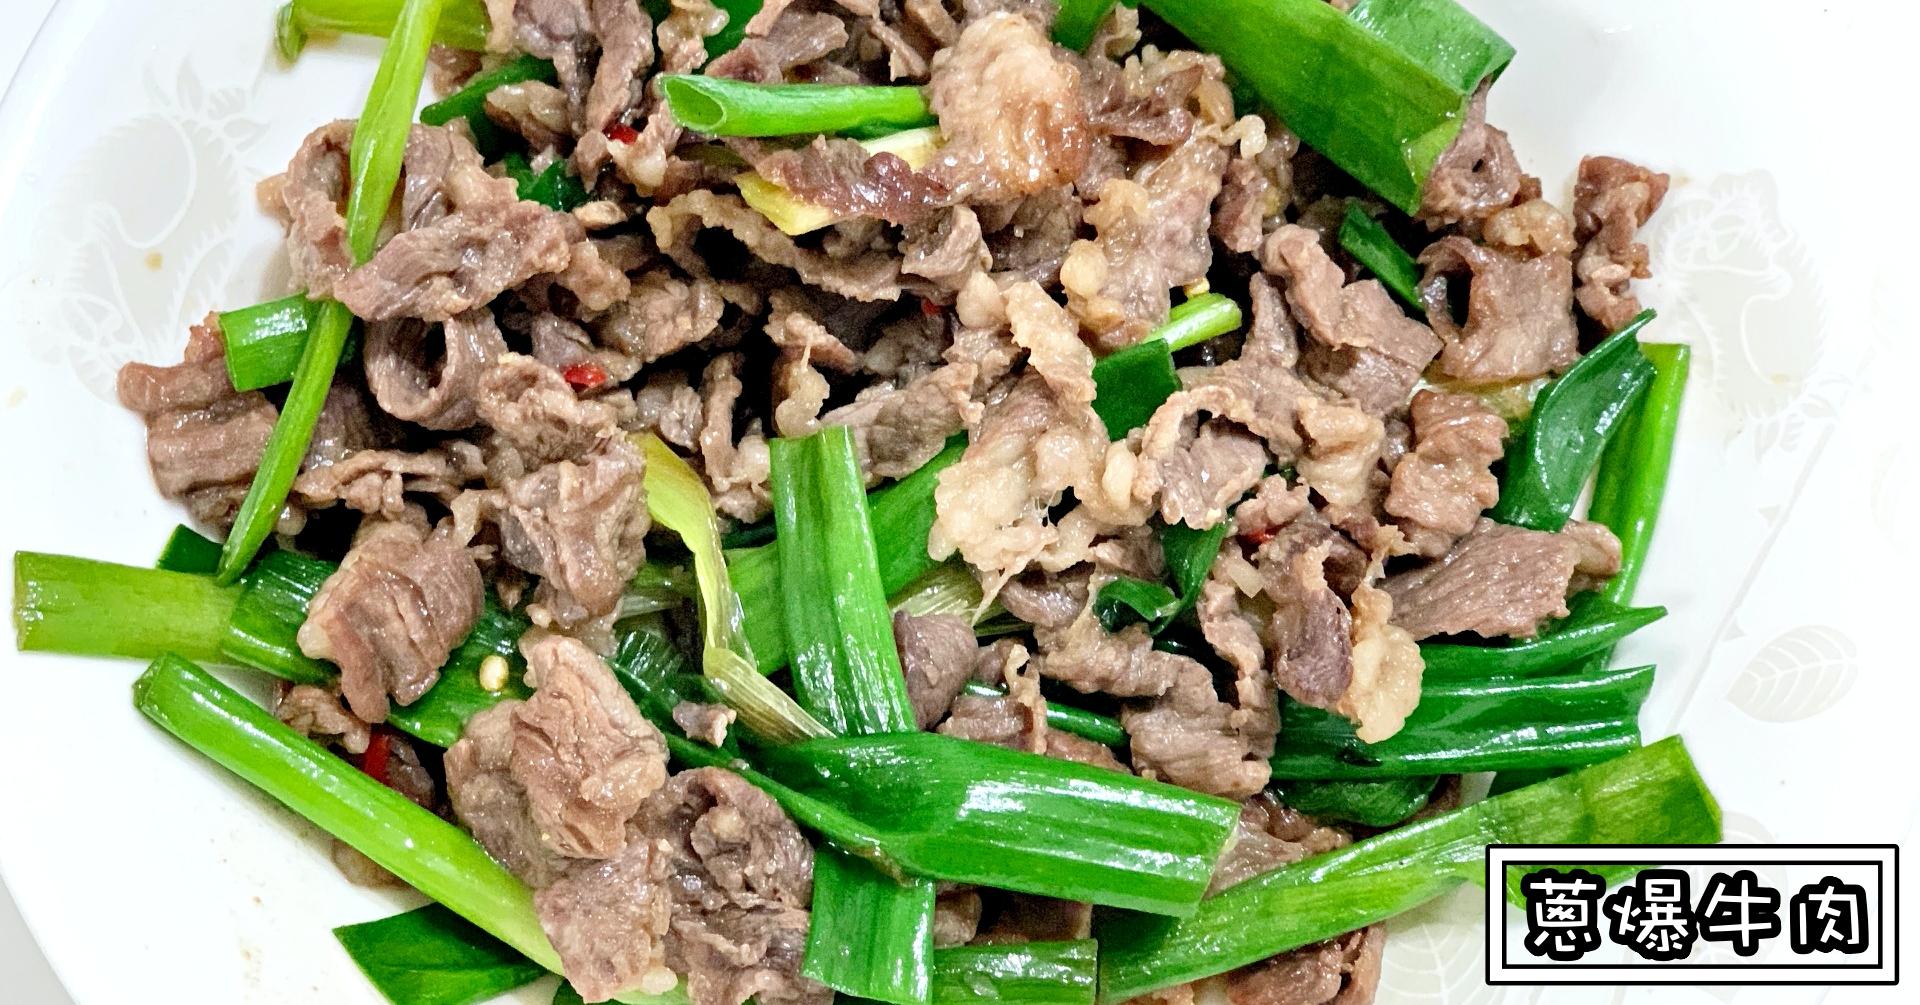 蔥爆牛肉食譜,蔥爆牛肉,蔥爆牛肉怎麼做 @Nash,神之領域